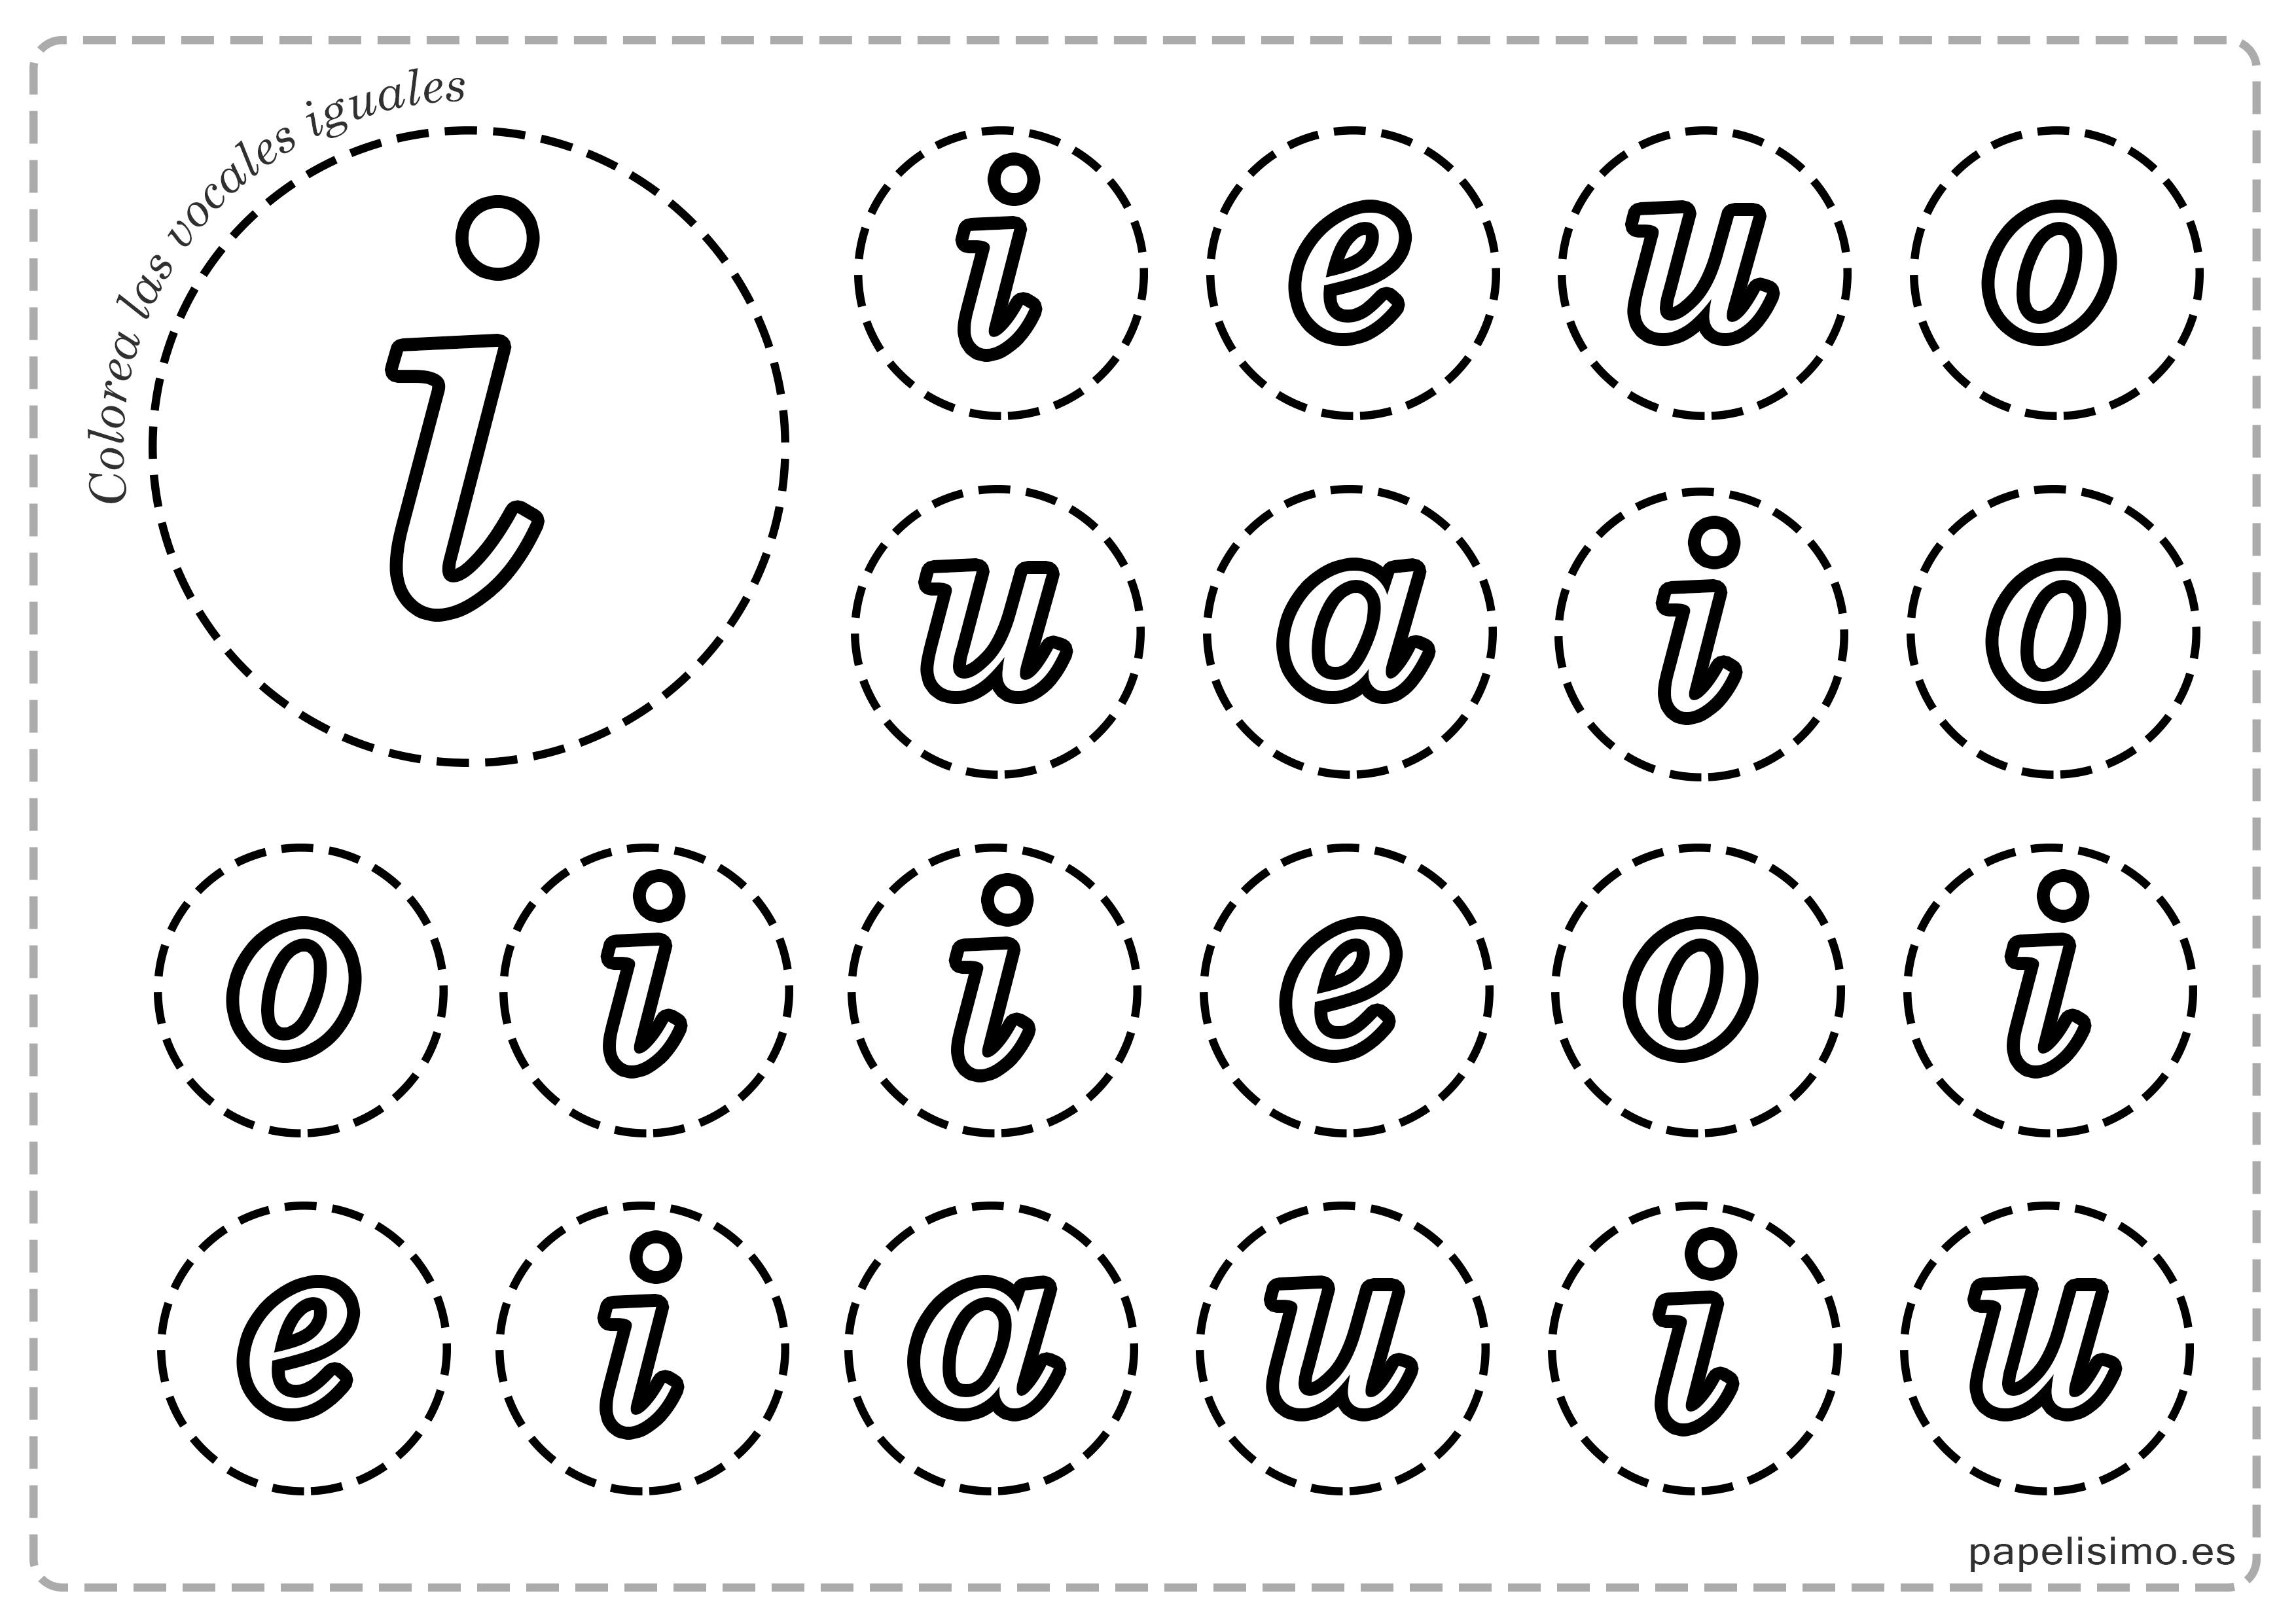 Dibujos Para Colorear De Cumpleanos Para Imprimir: Vocales Para Imprimir Y Colorear (mayúsculas Y Minúsculas